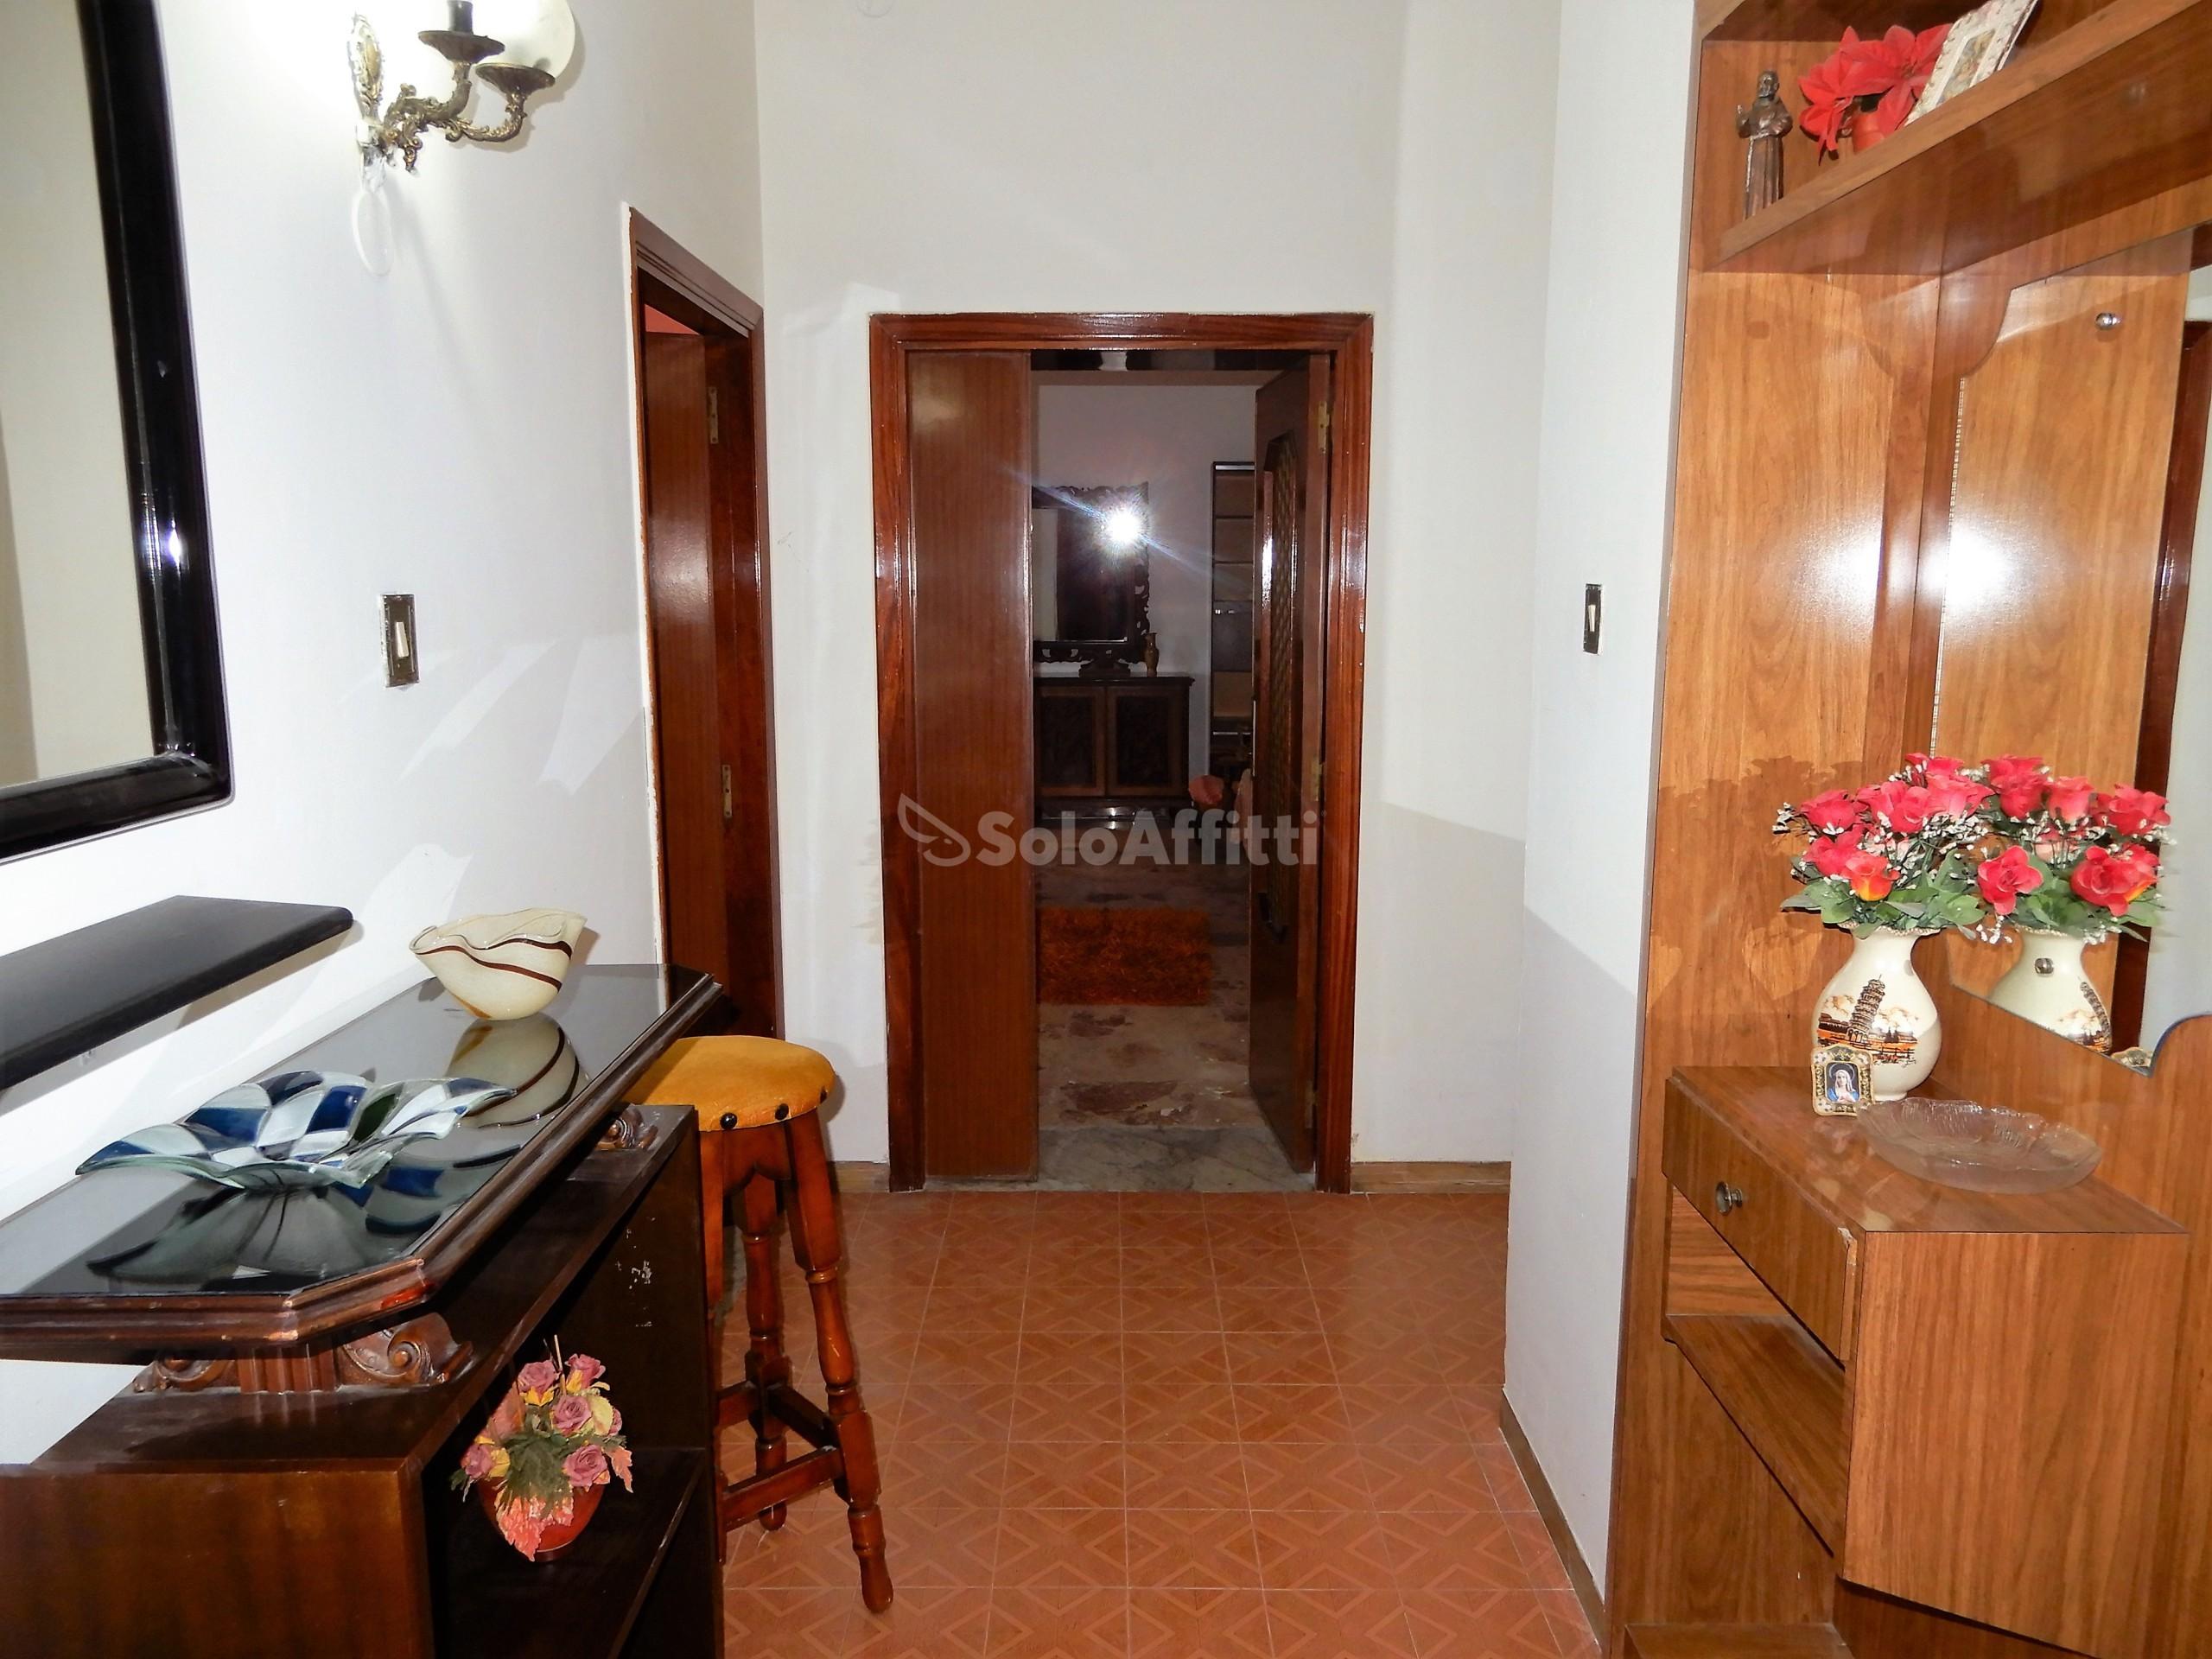 Appartamento Quadrilocale Arredato 130 mq.